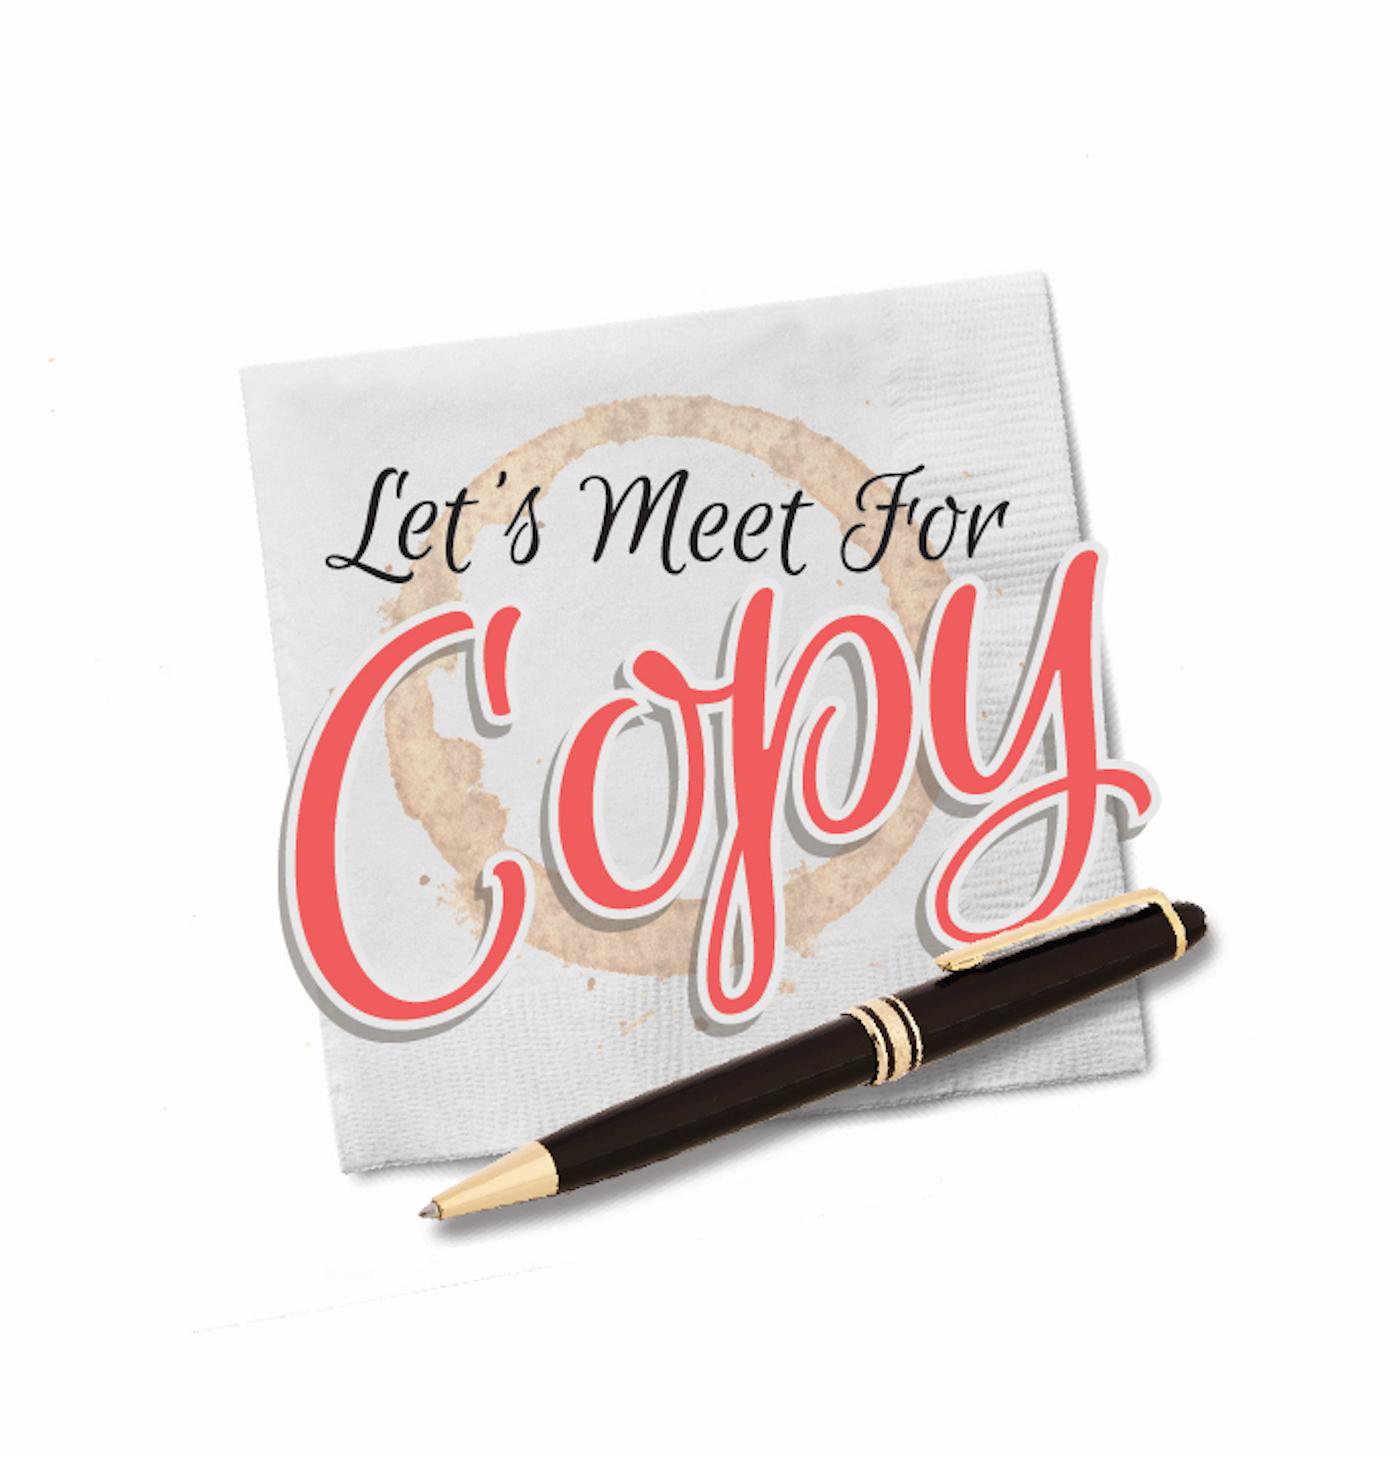 Let's Meet For Copy® show art